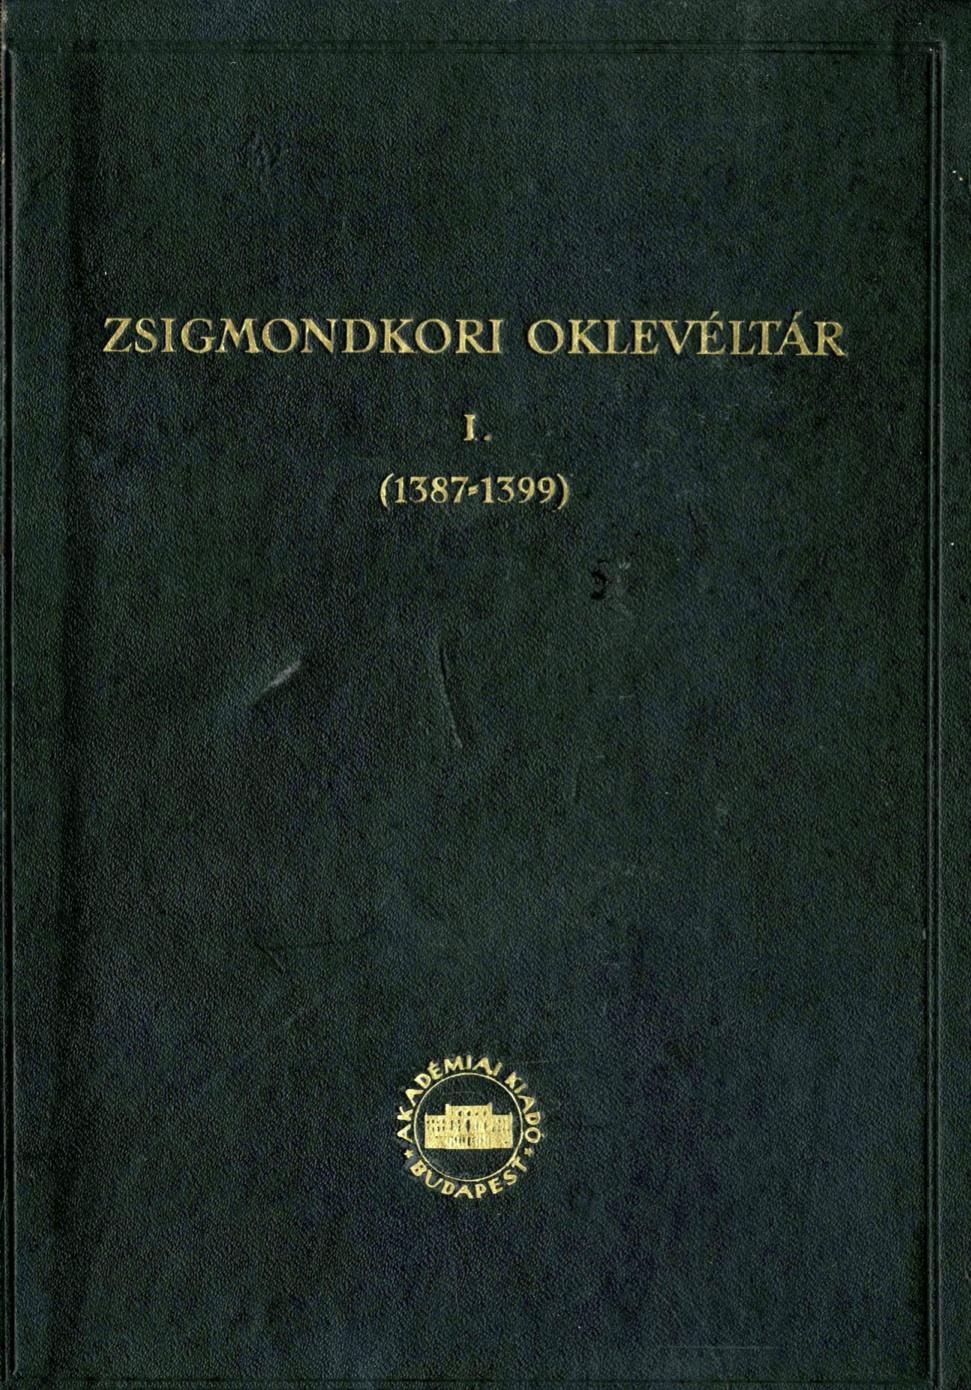 Zsigmondkori Oklevéltár I.